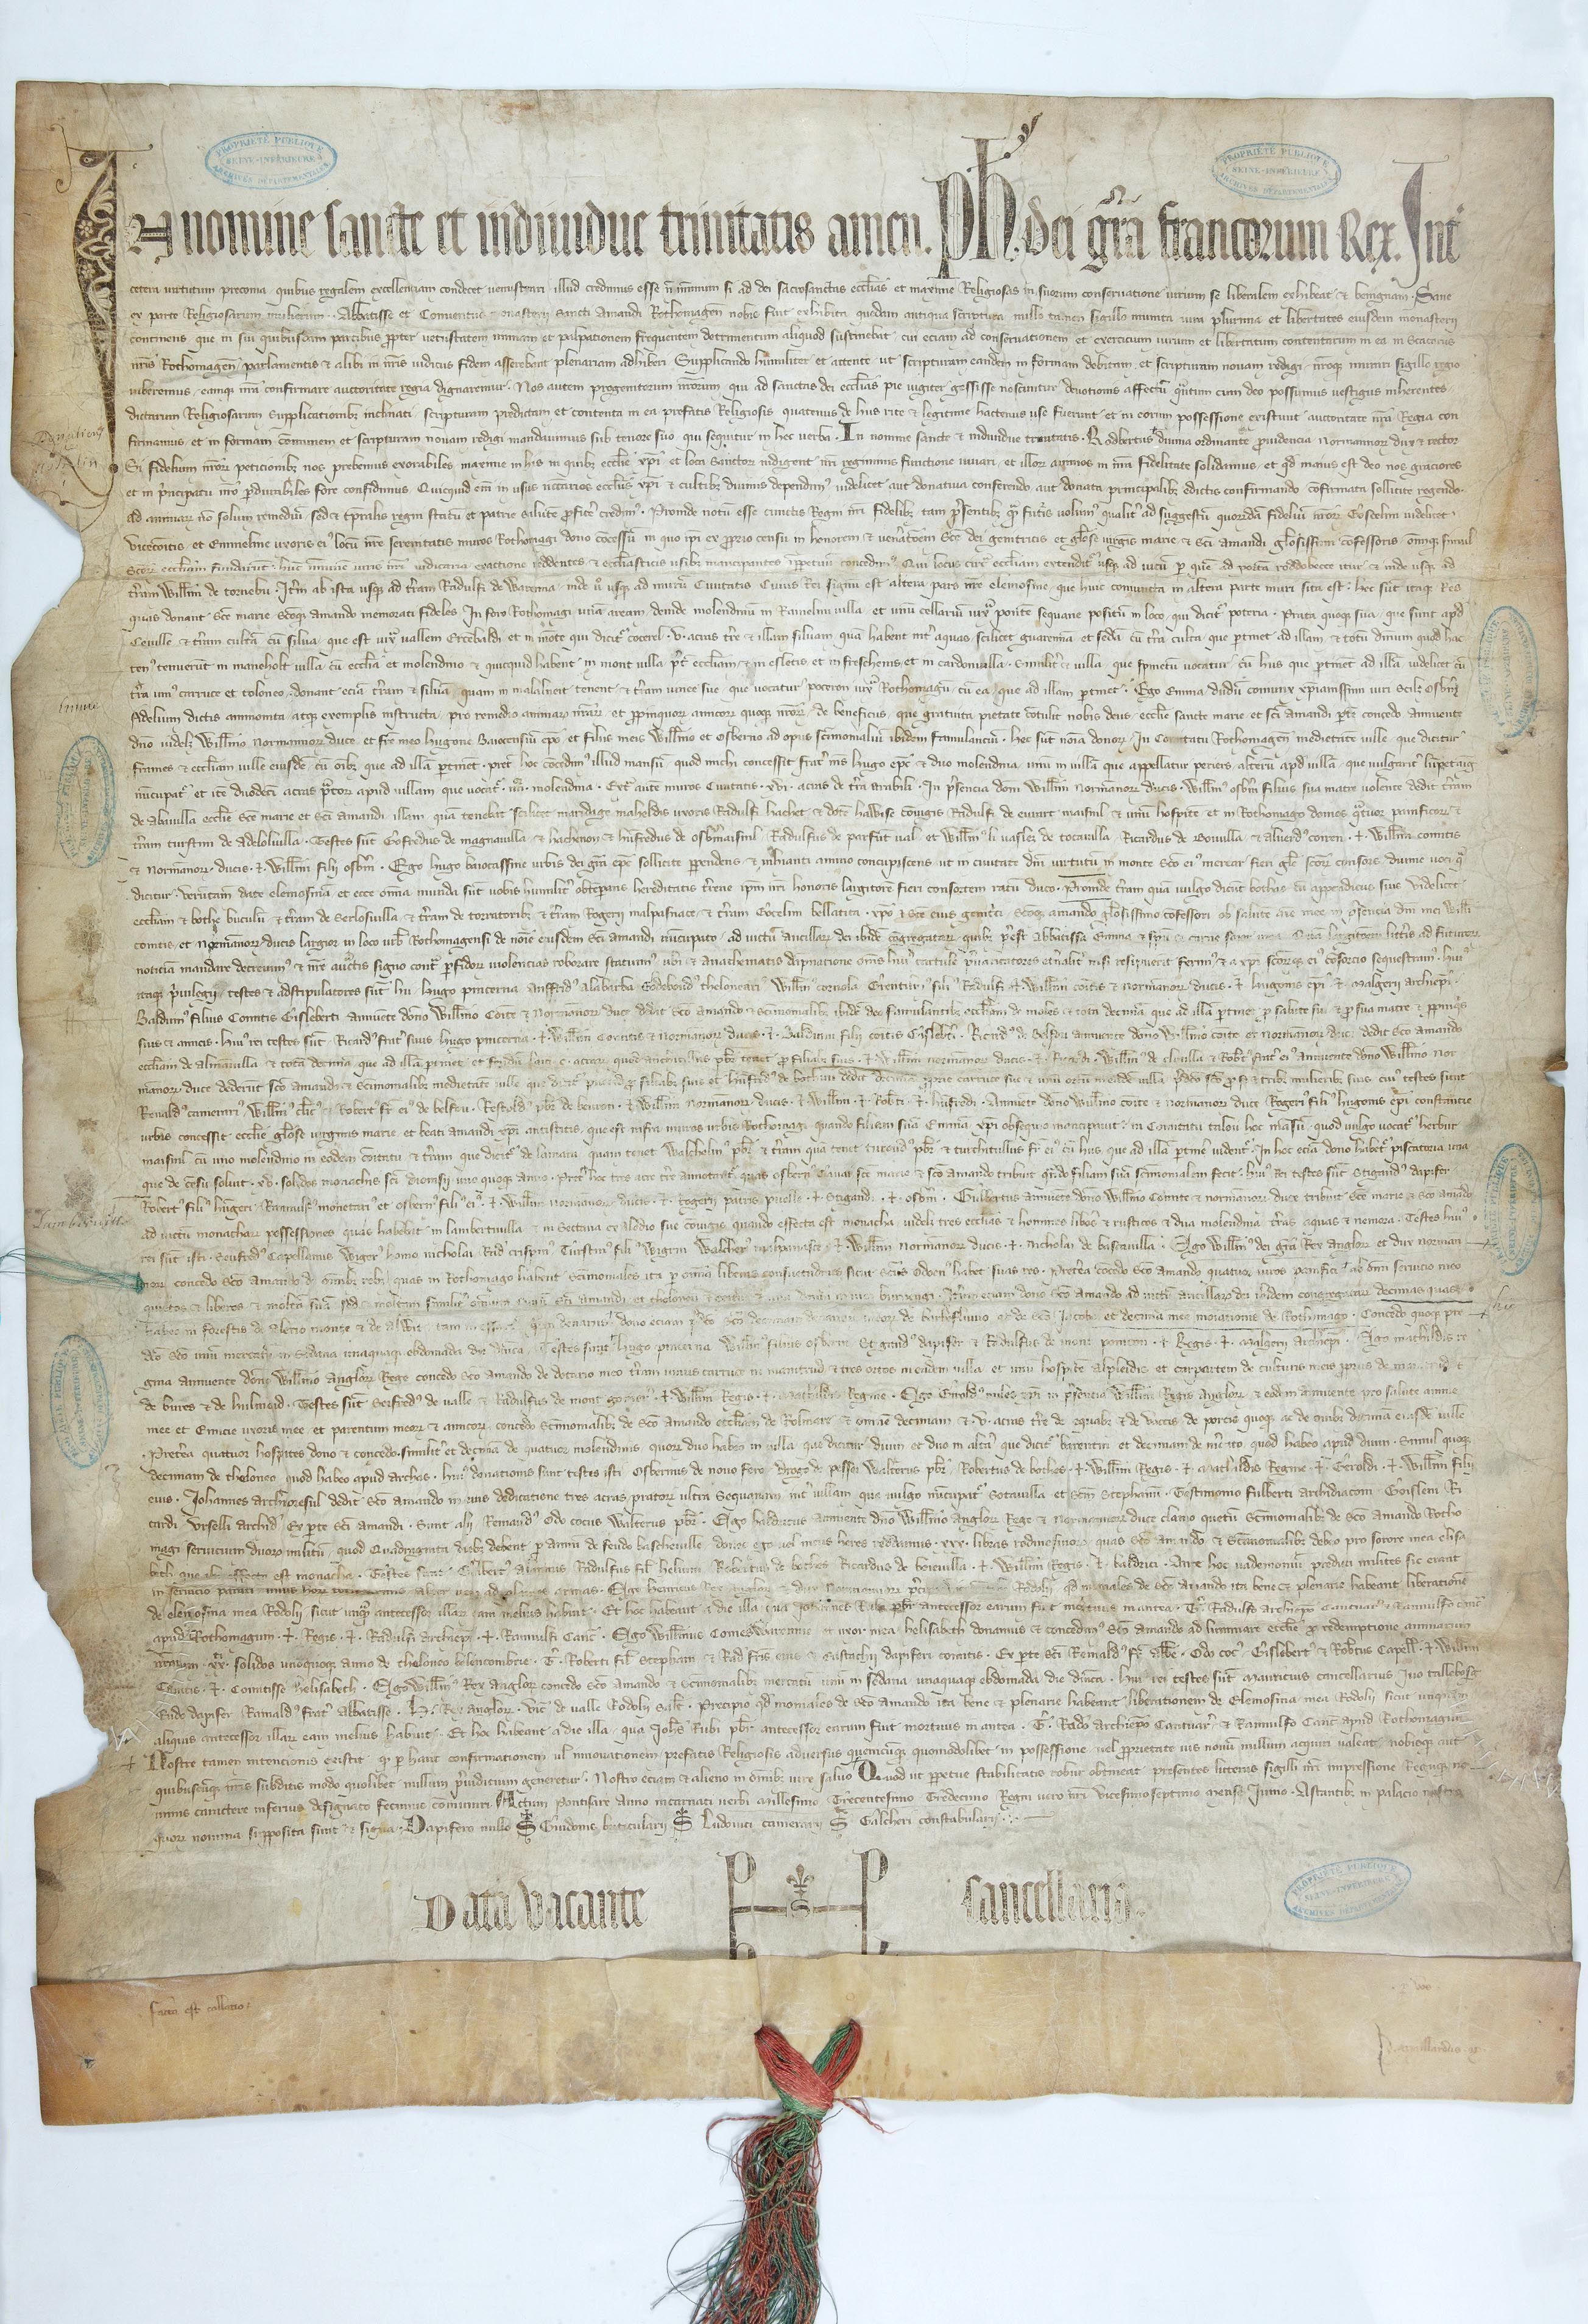 Collection Archives De Seine Maritime Diplome En Faveur De L Abbaye Saint Amand De Rouen Donne A Pontoise En Juin 1313 Par Rouen Dragon Meaning Sea Serpent